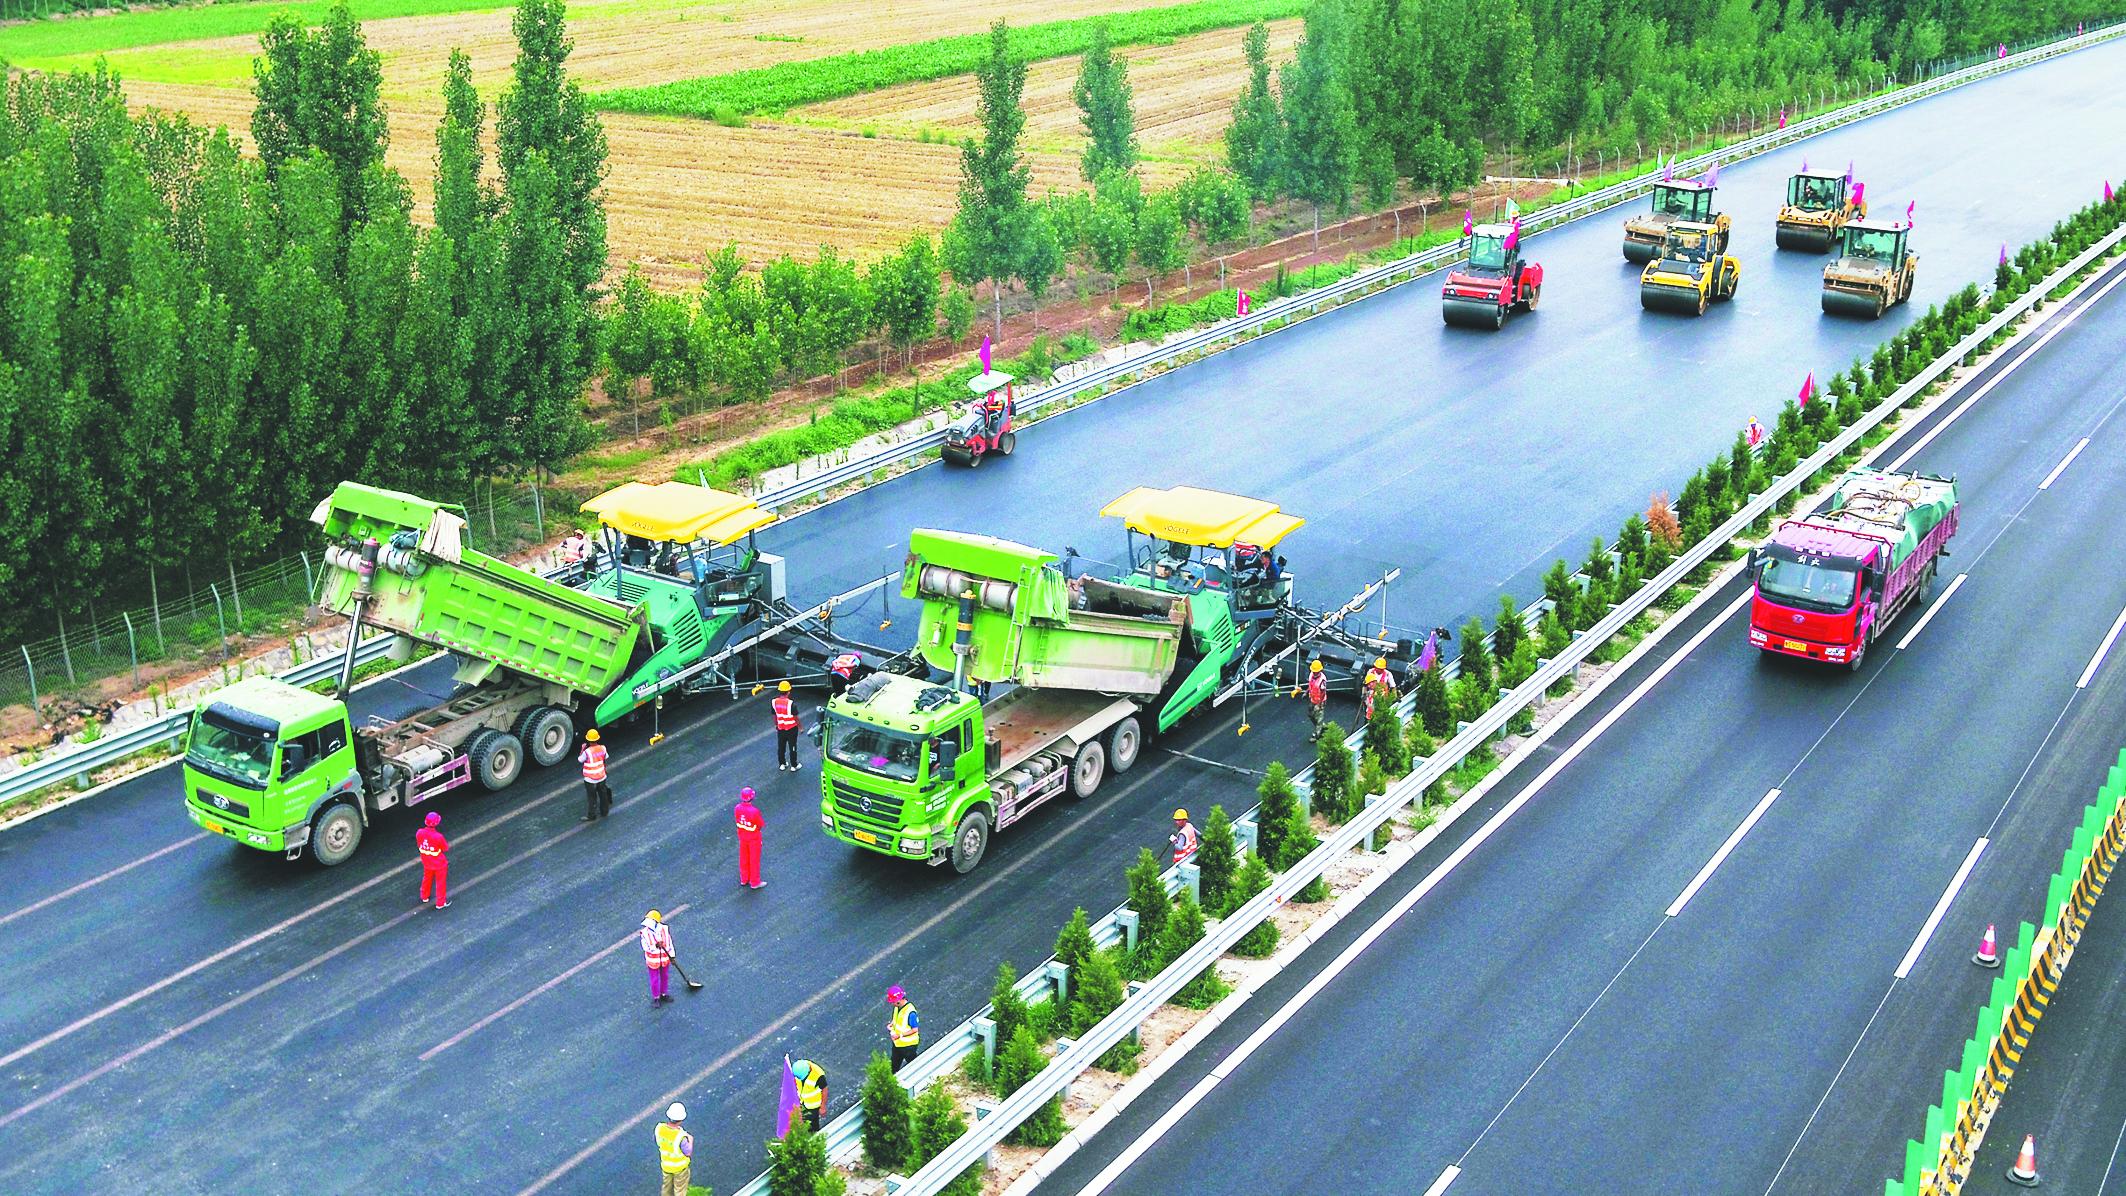 滨莱高速全线已完成沥青铺路 预计本月底通车